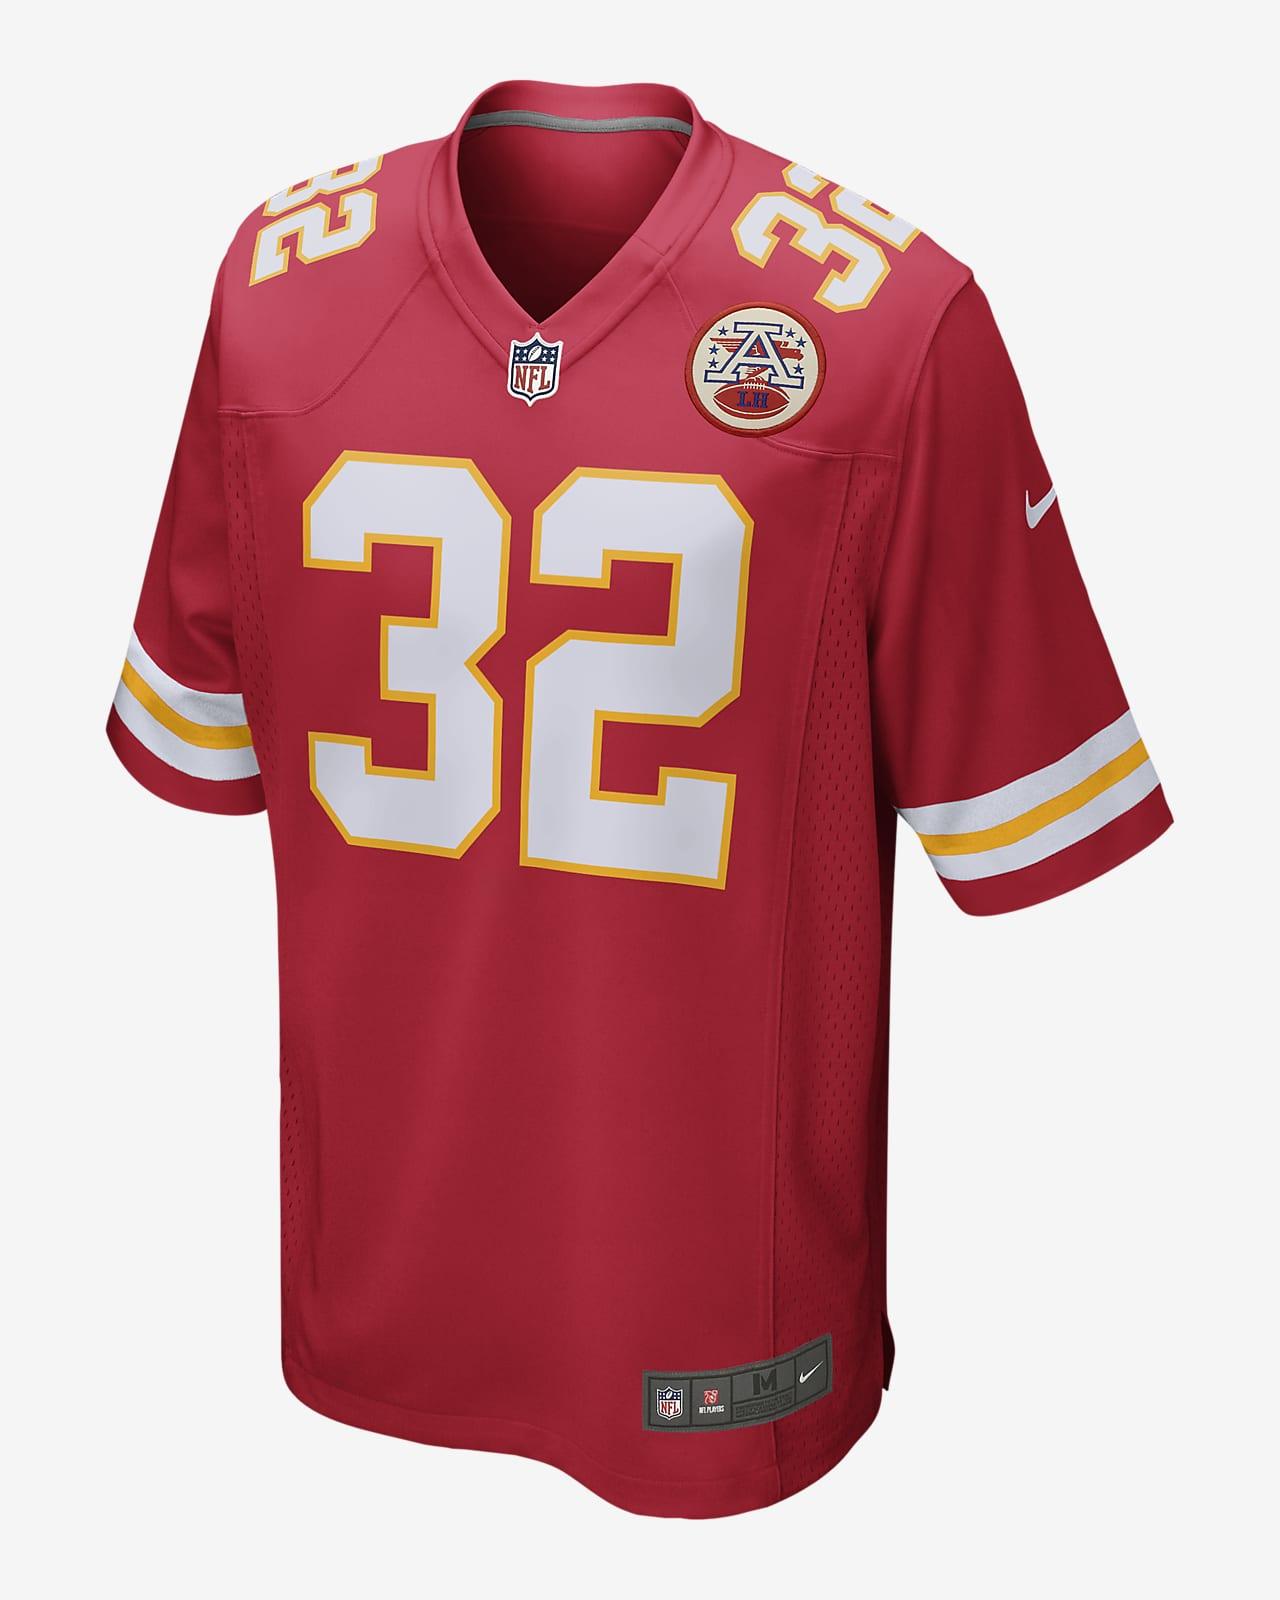 NFL Kansas City Chiefs (Tyrann Mathieu) Men's Game Football Jersey